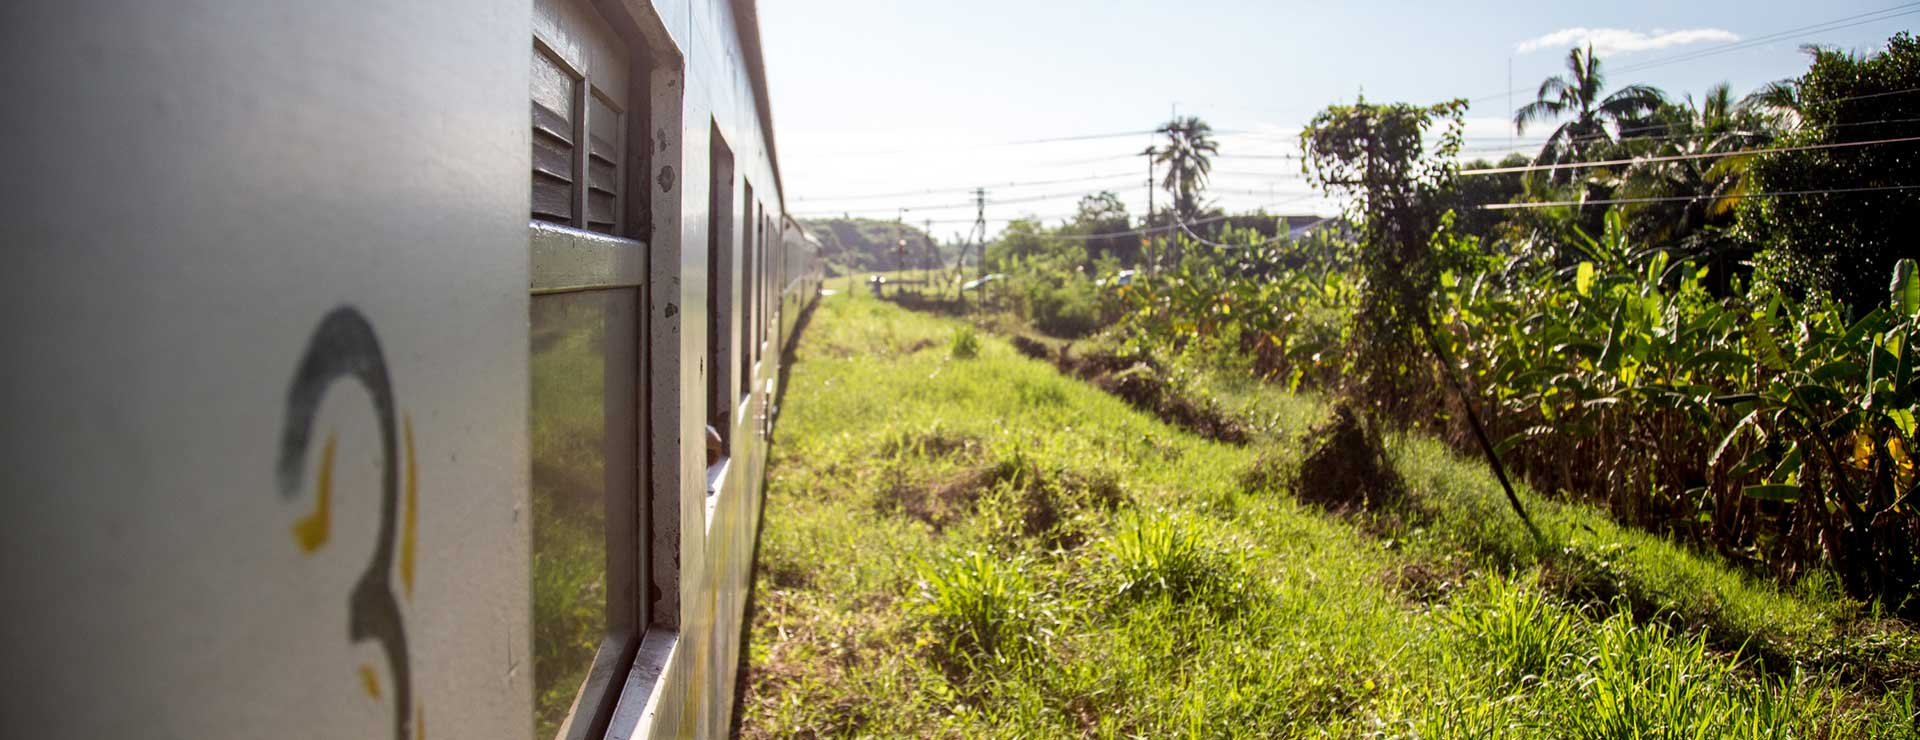 thailand travel stories